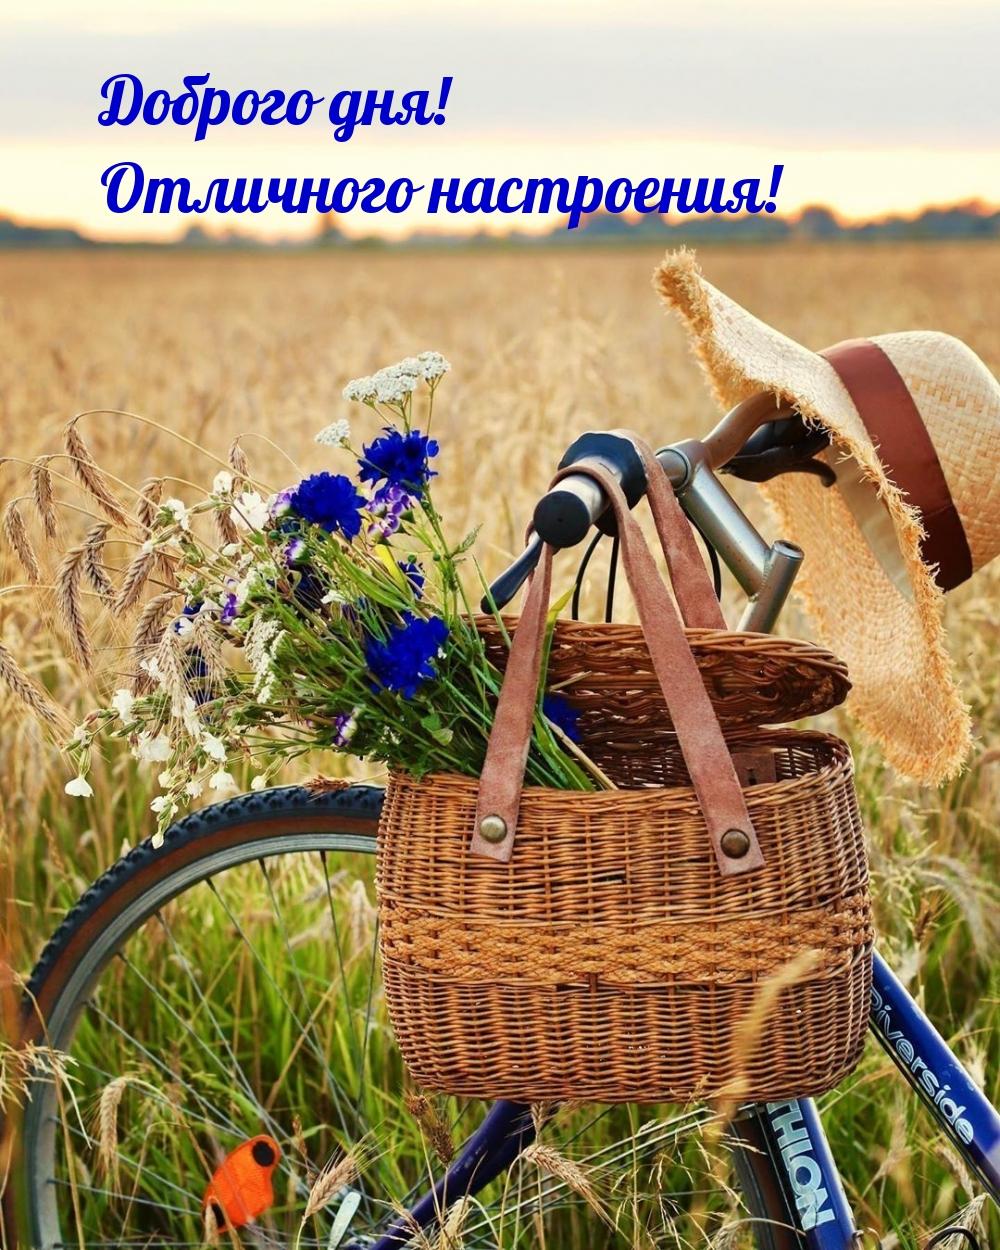 Доброго дня! Отличного настроения!